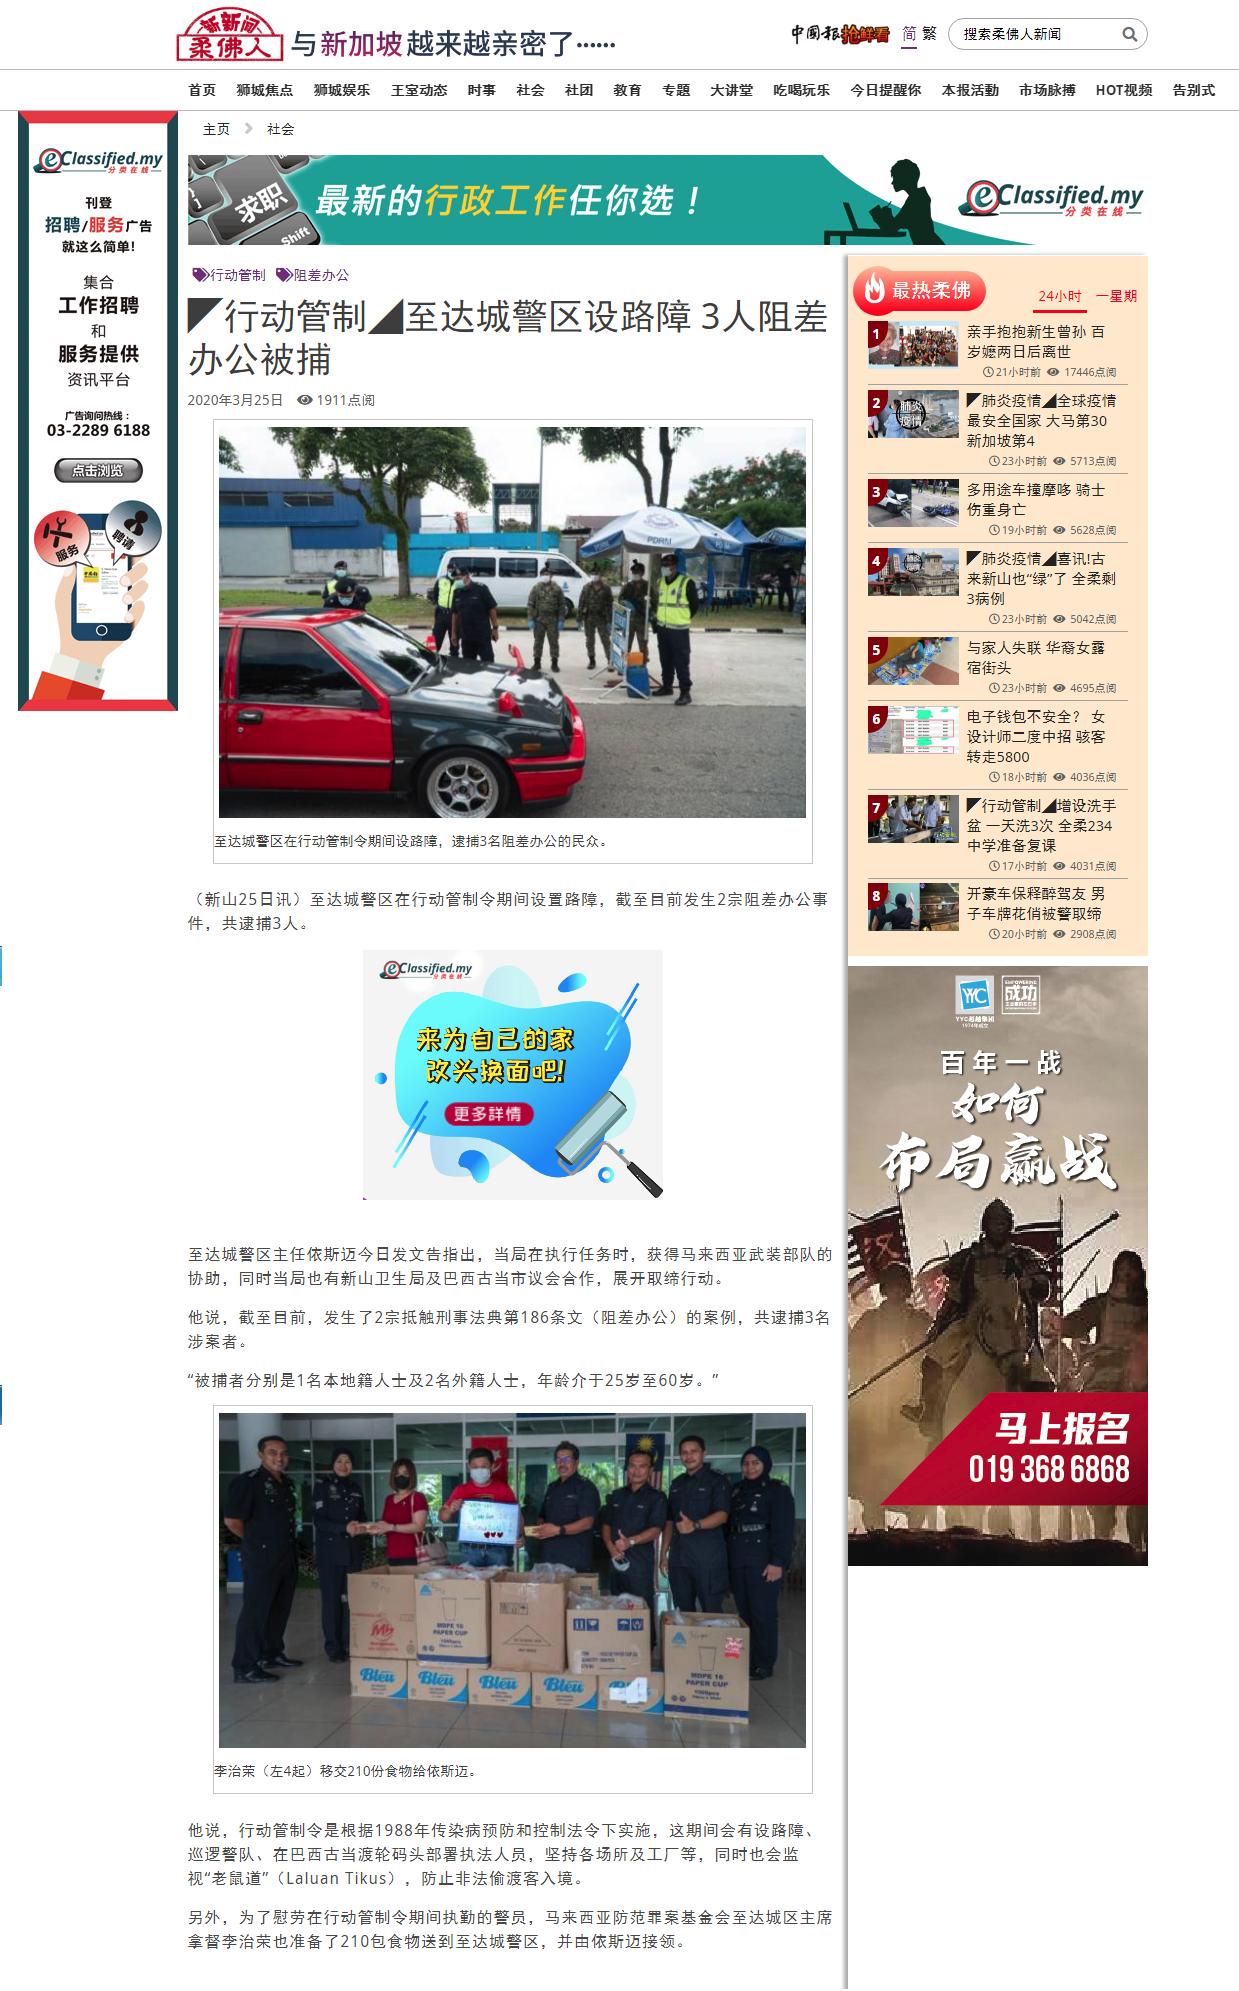 China Press (25.05.2020)